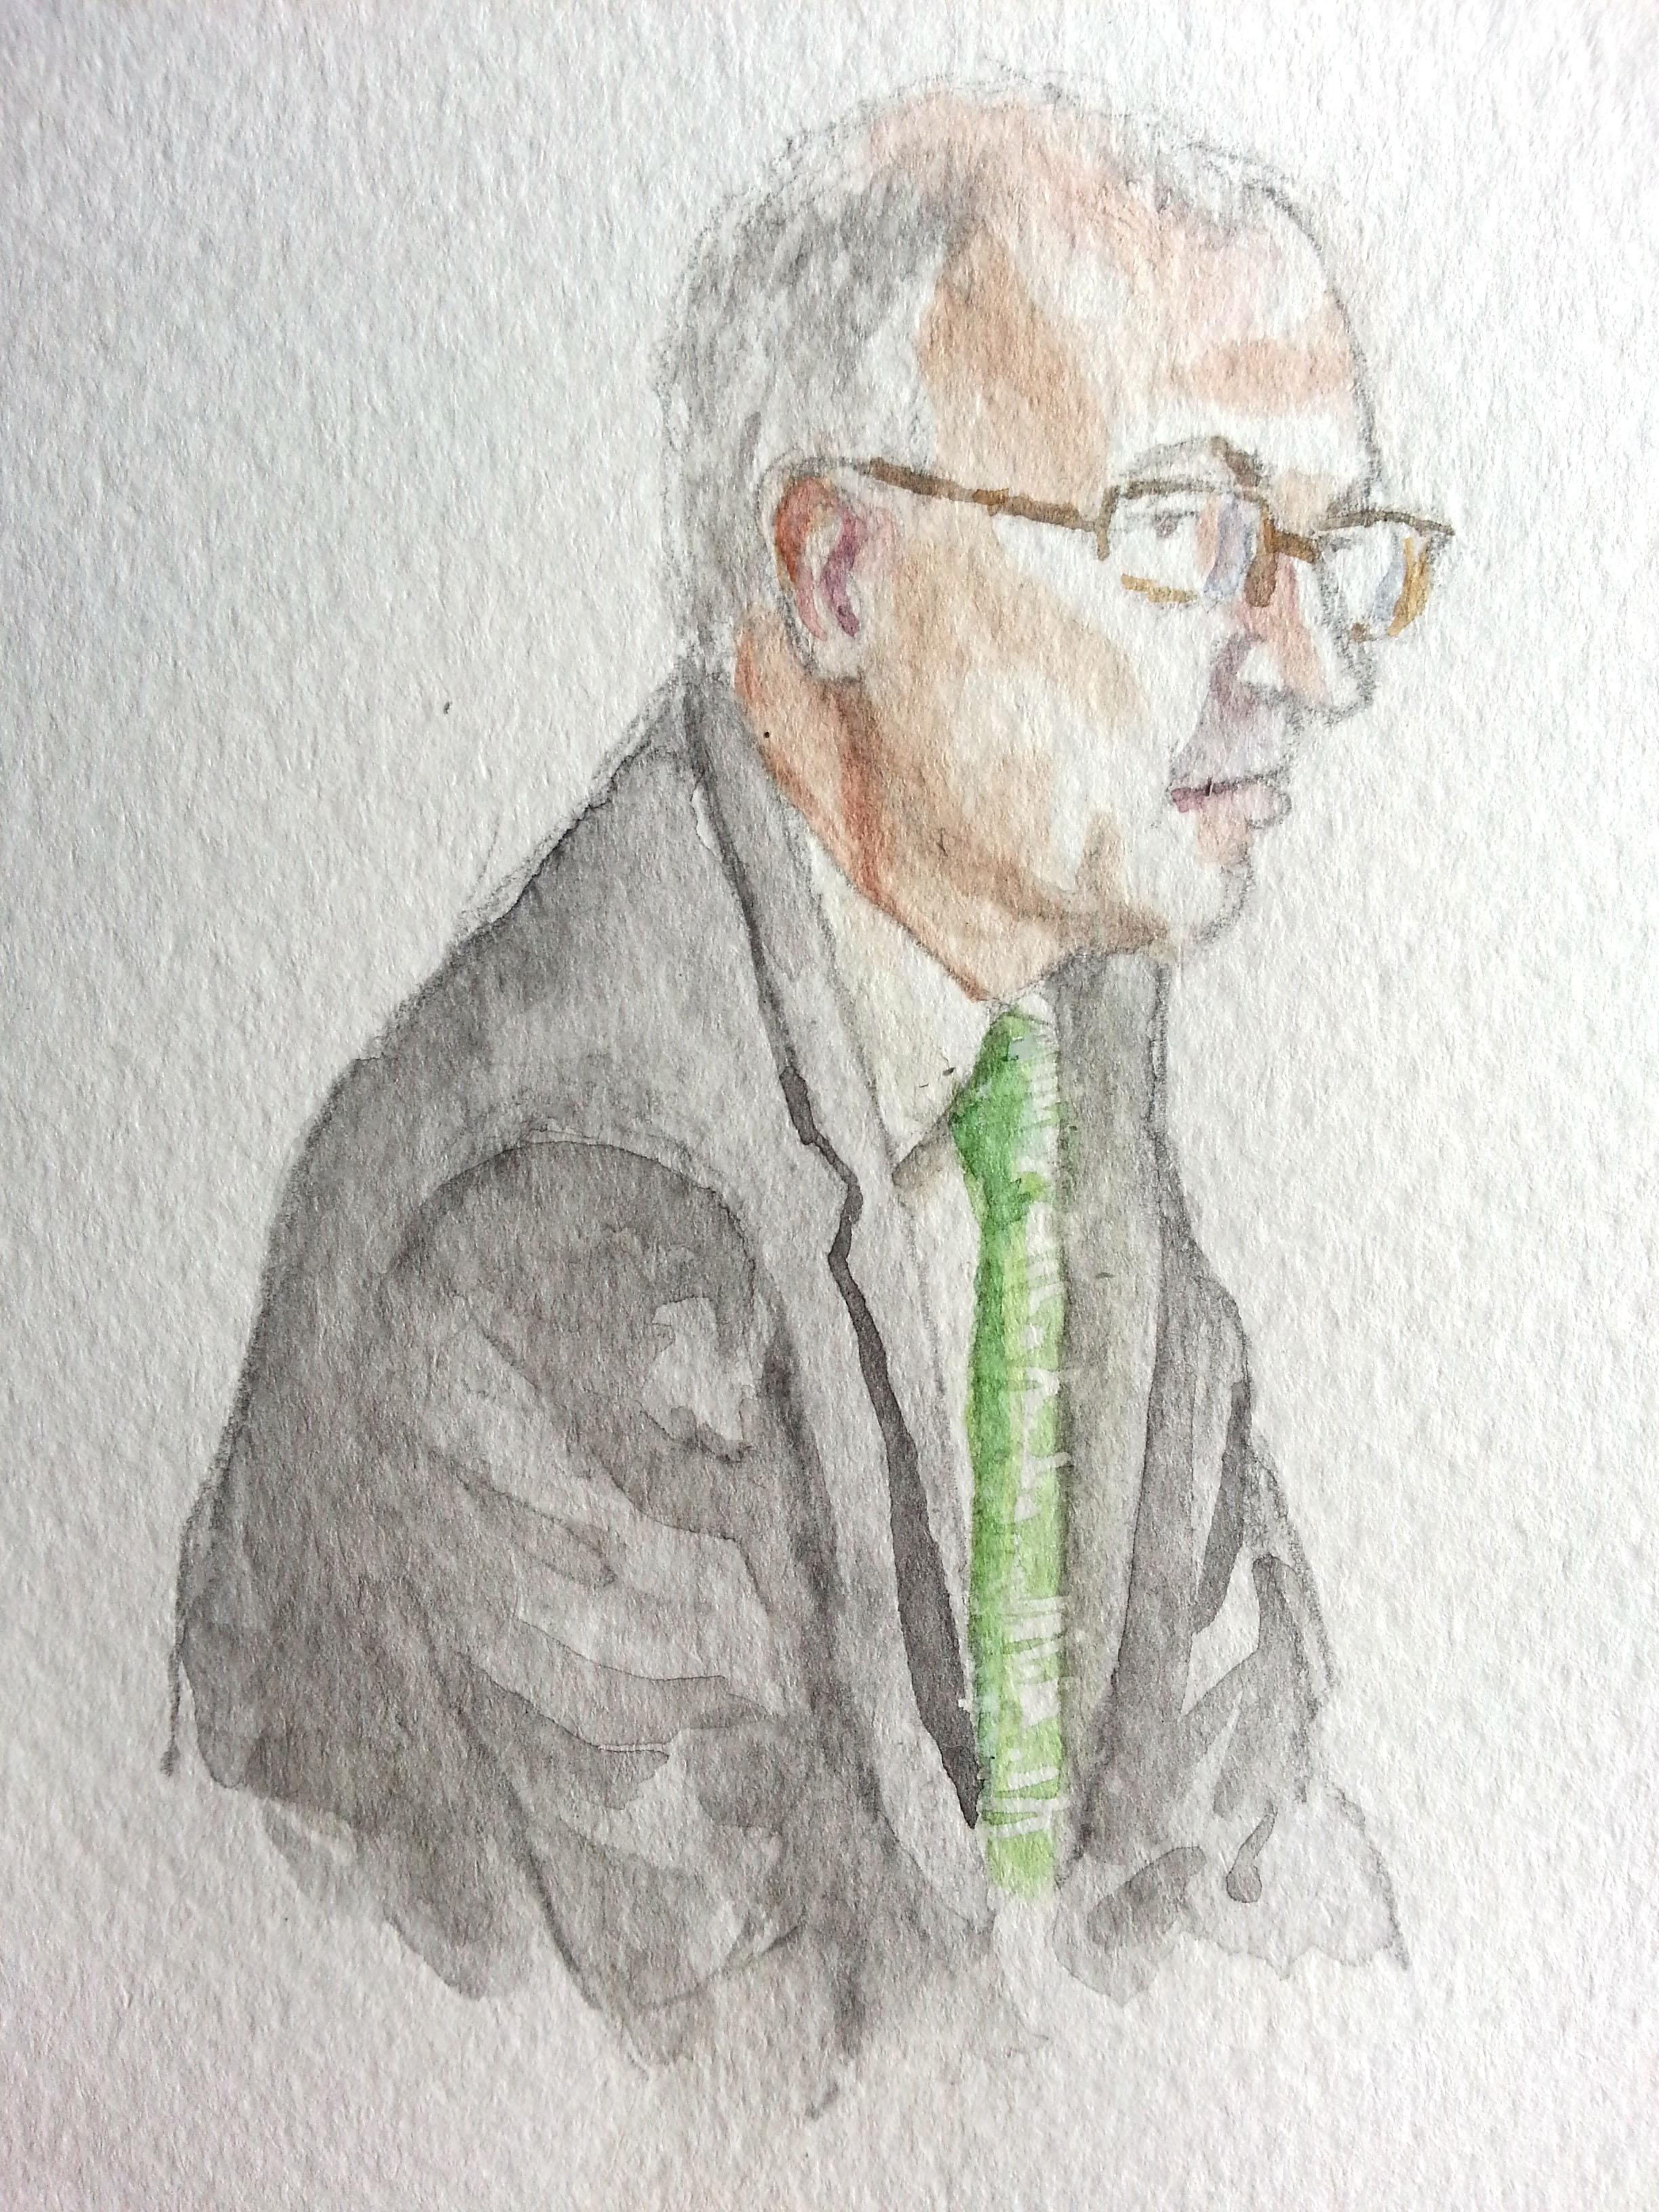 Zeuge Martin Schallbruch während seiner Aussage. Zeichnung: Stella Schiffczyk. Lizenz: nicht frei.